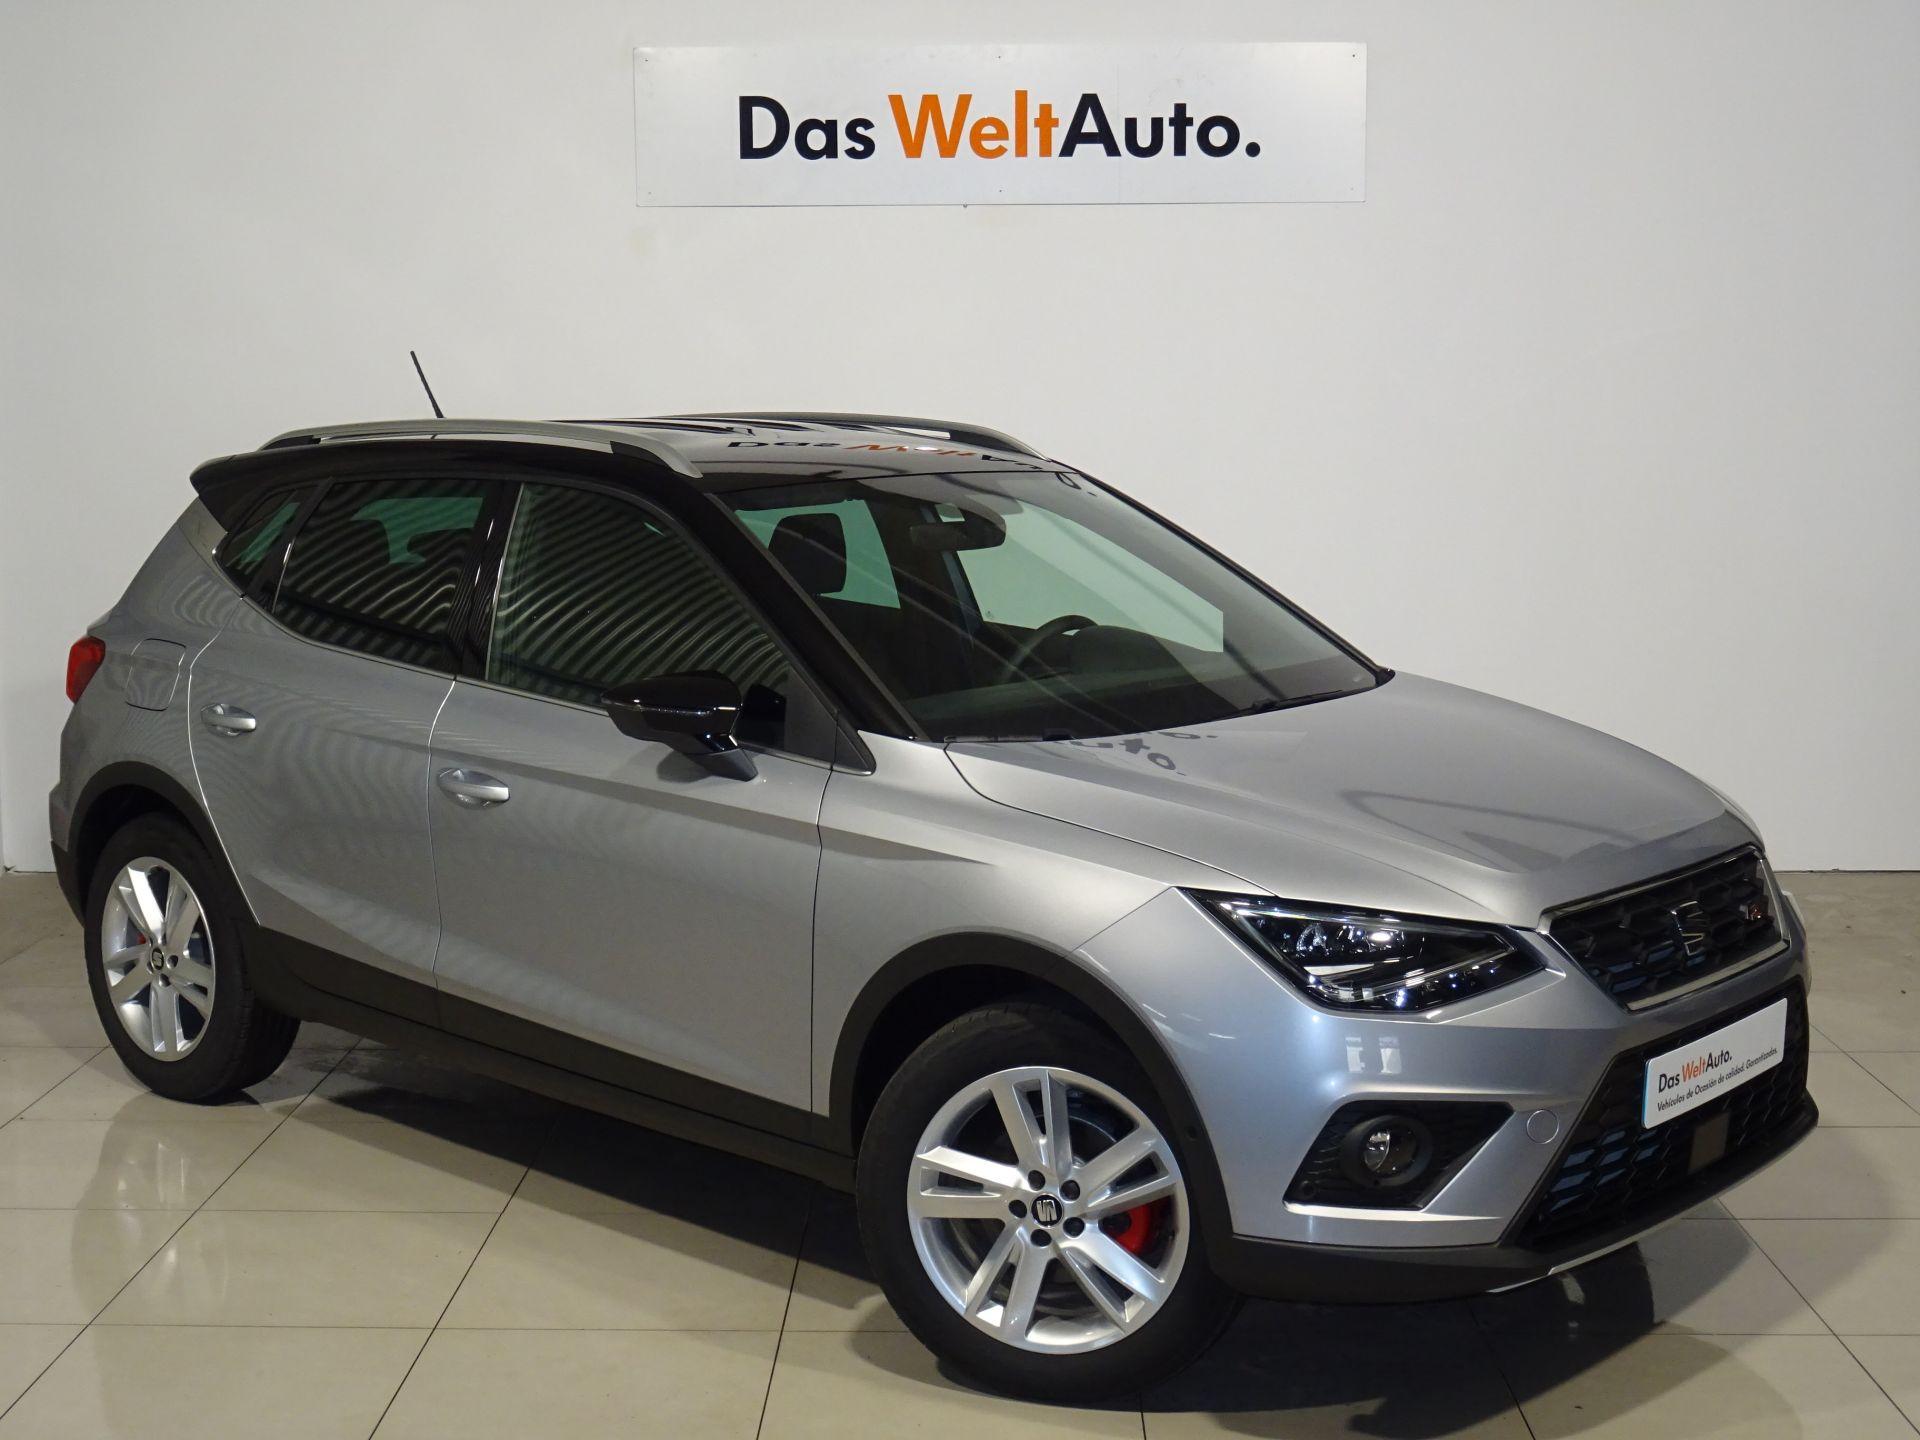 SEAT Arona 1.0 TSI 85kW (115CV) FR Edition Eco